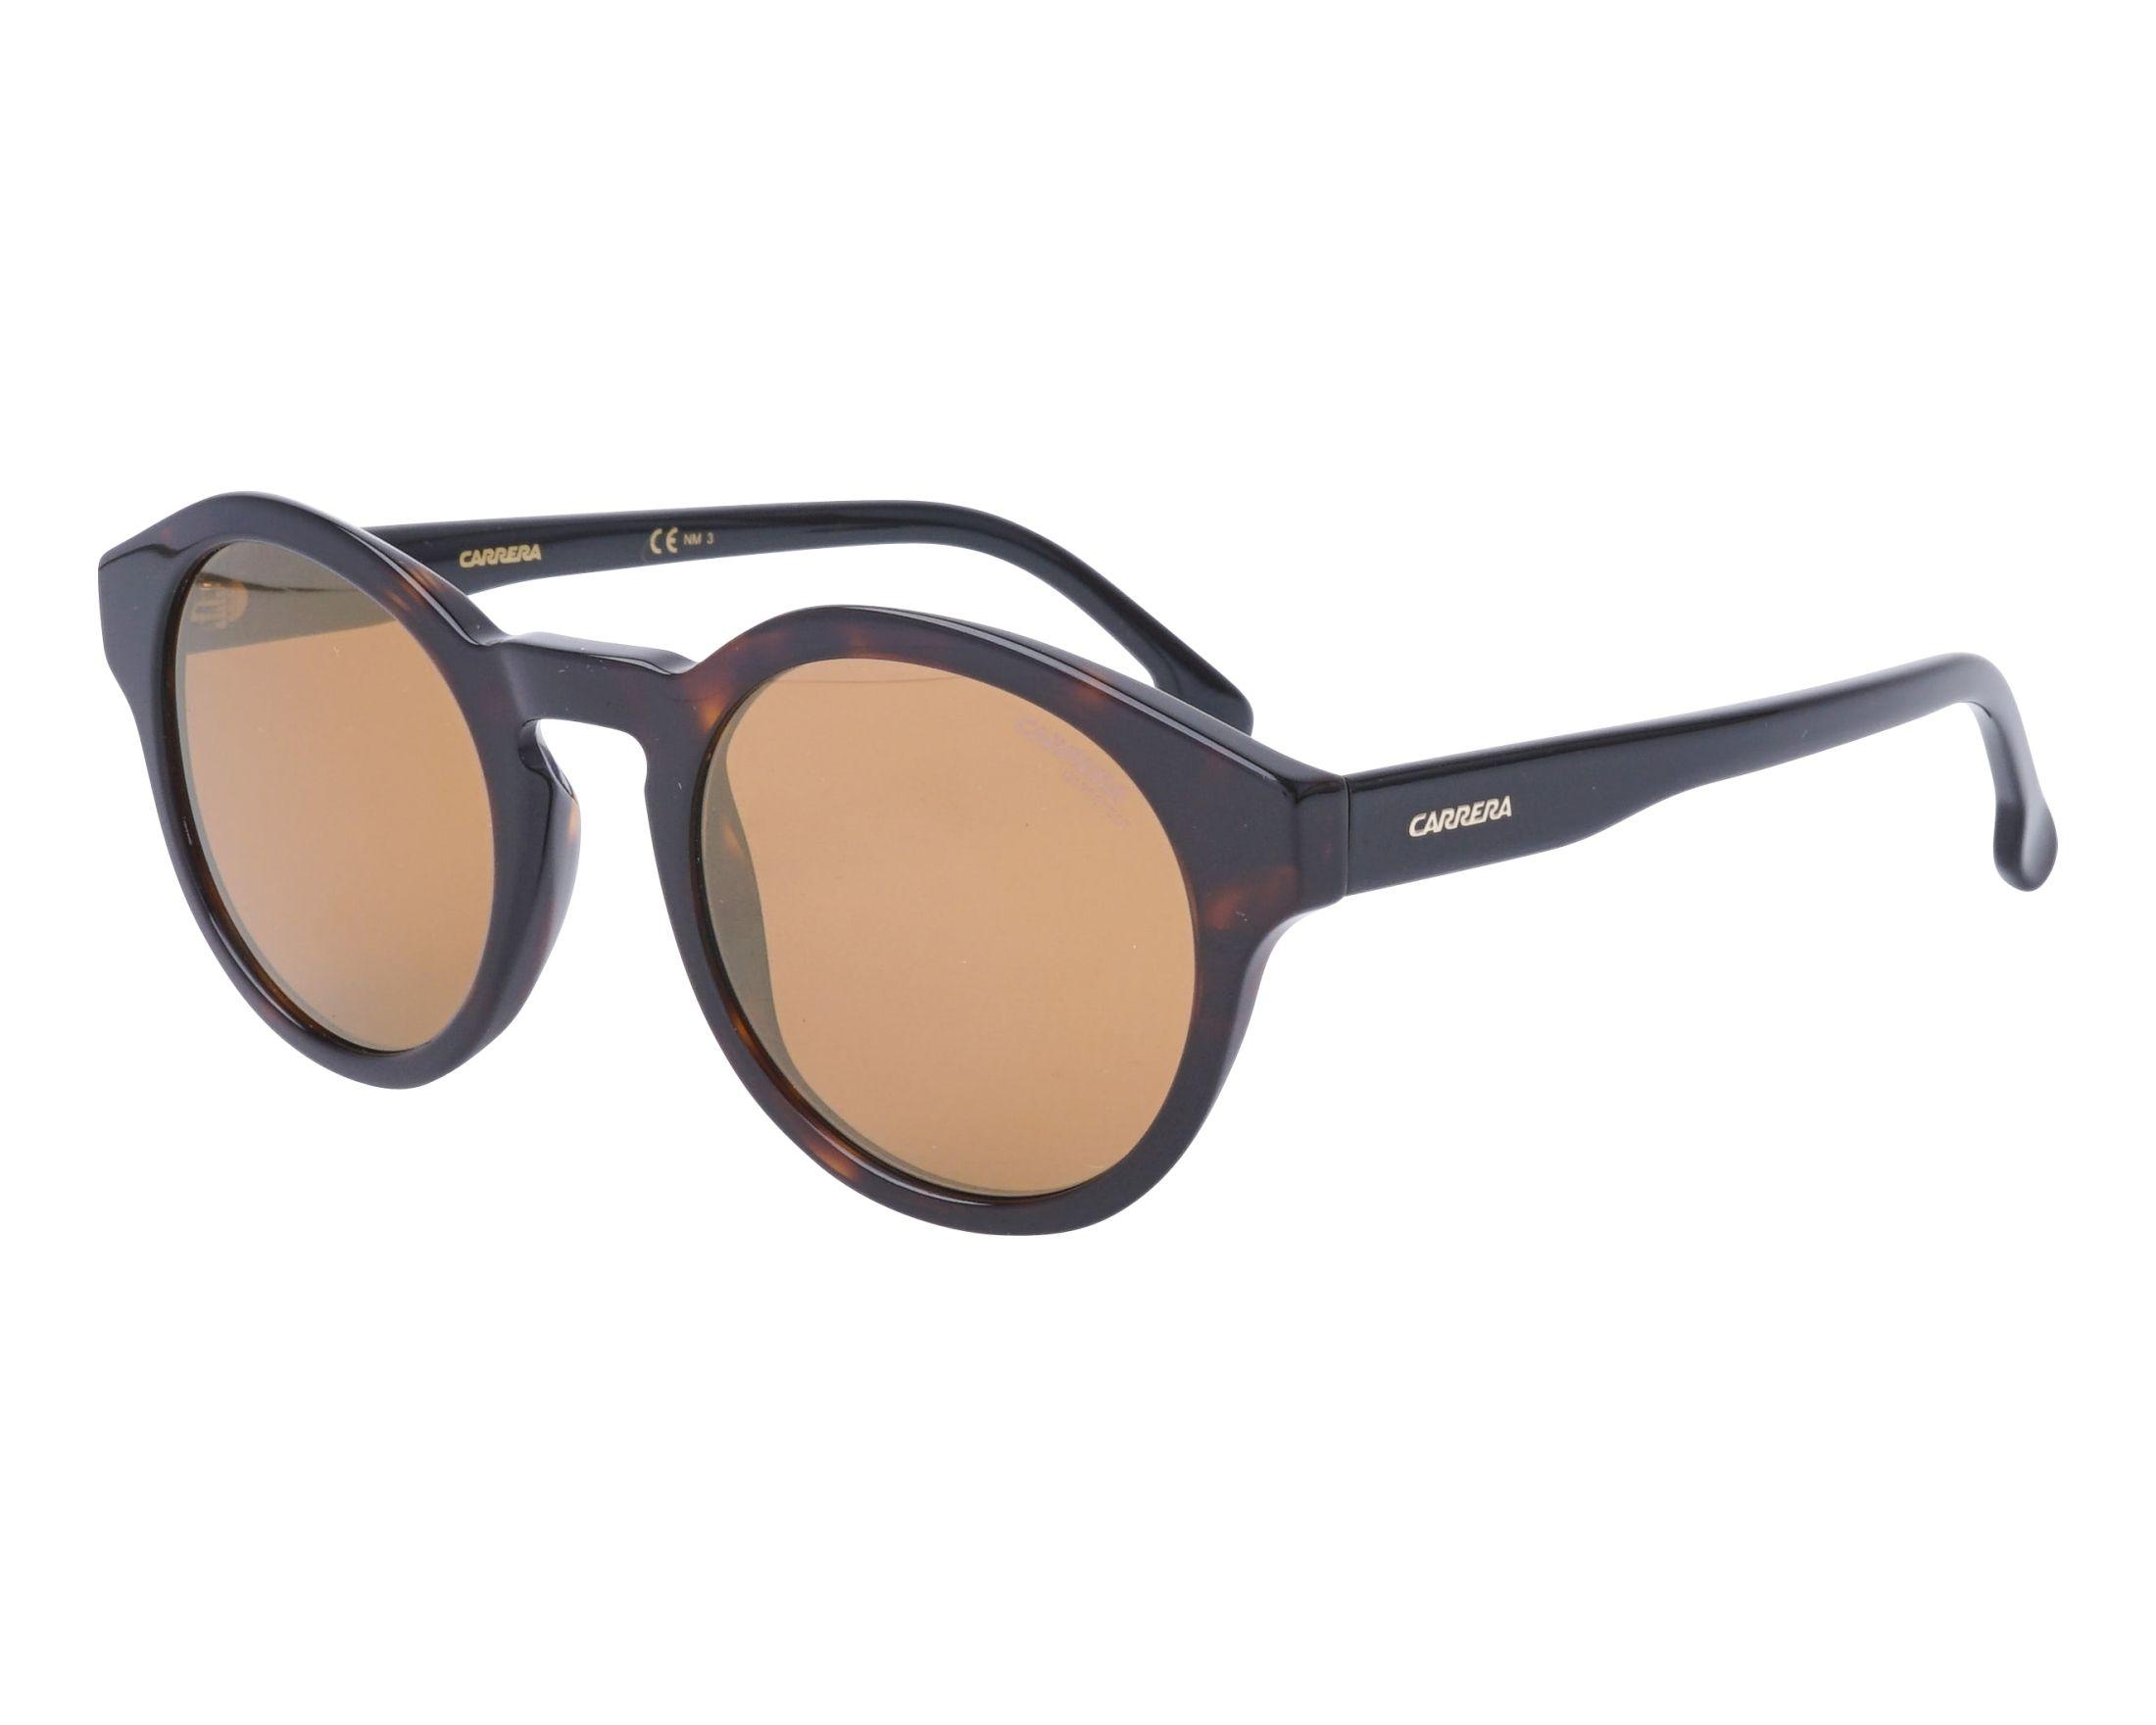 Carrera Eyewear Sonnenbrille » CARRERA 165/S«, schwarz, 807/HA - schwarz/braun